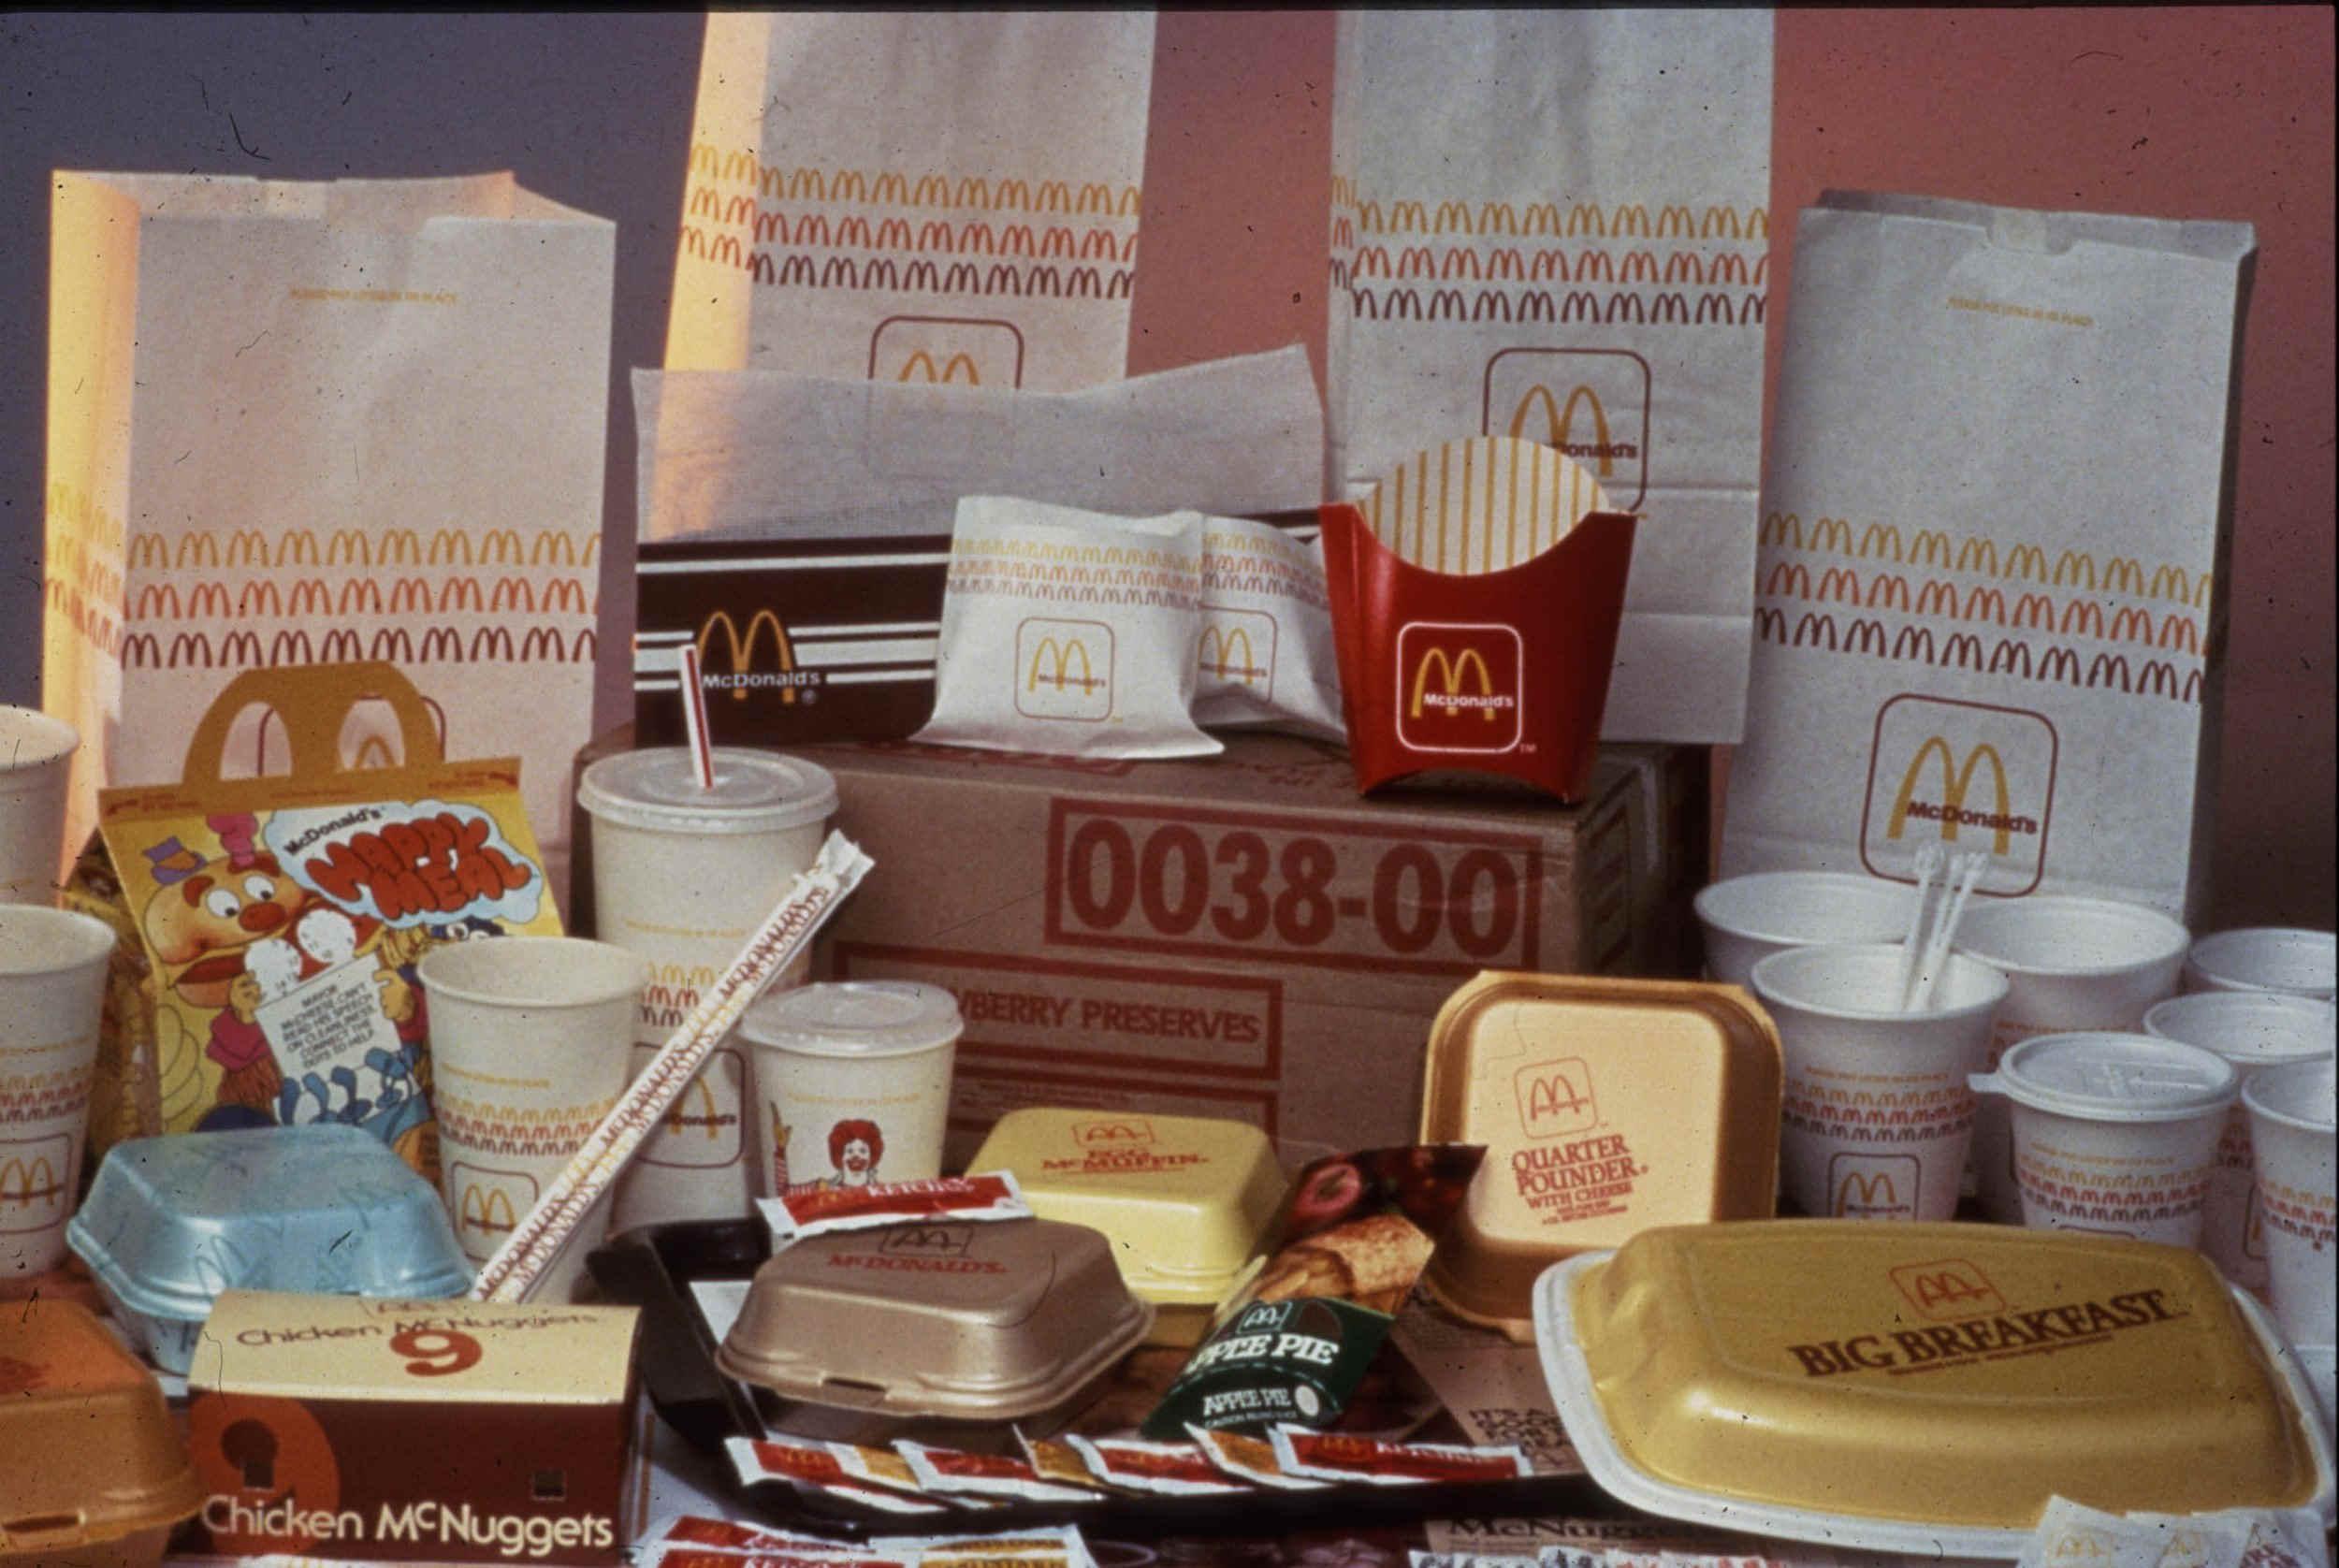 换新包装重塑品牌 麦当劳希望你觉得它时尚图片